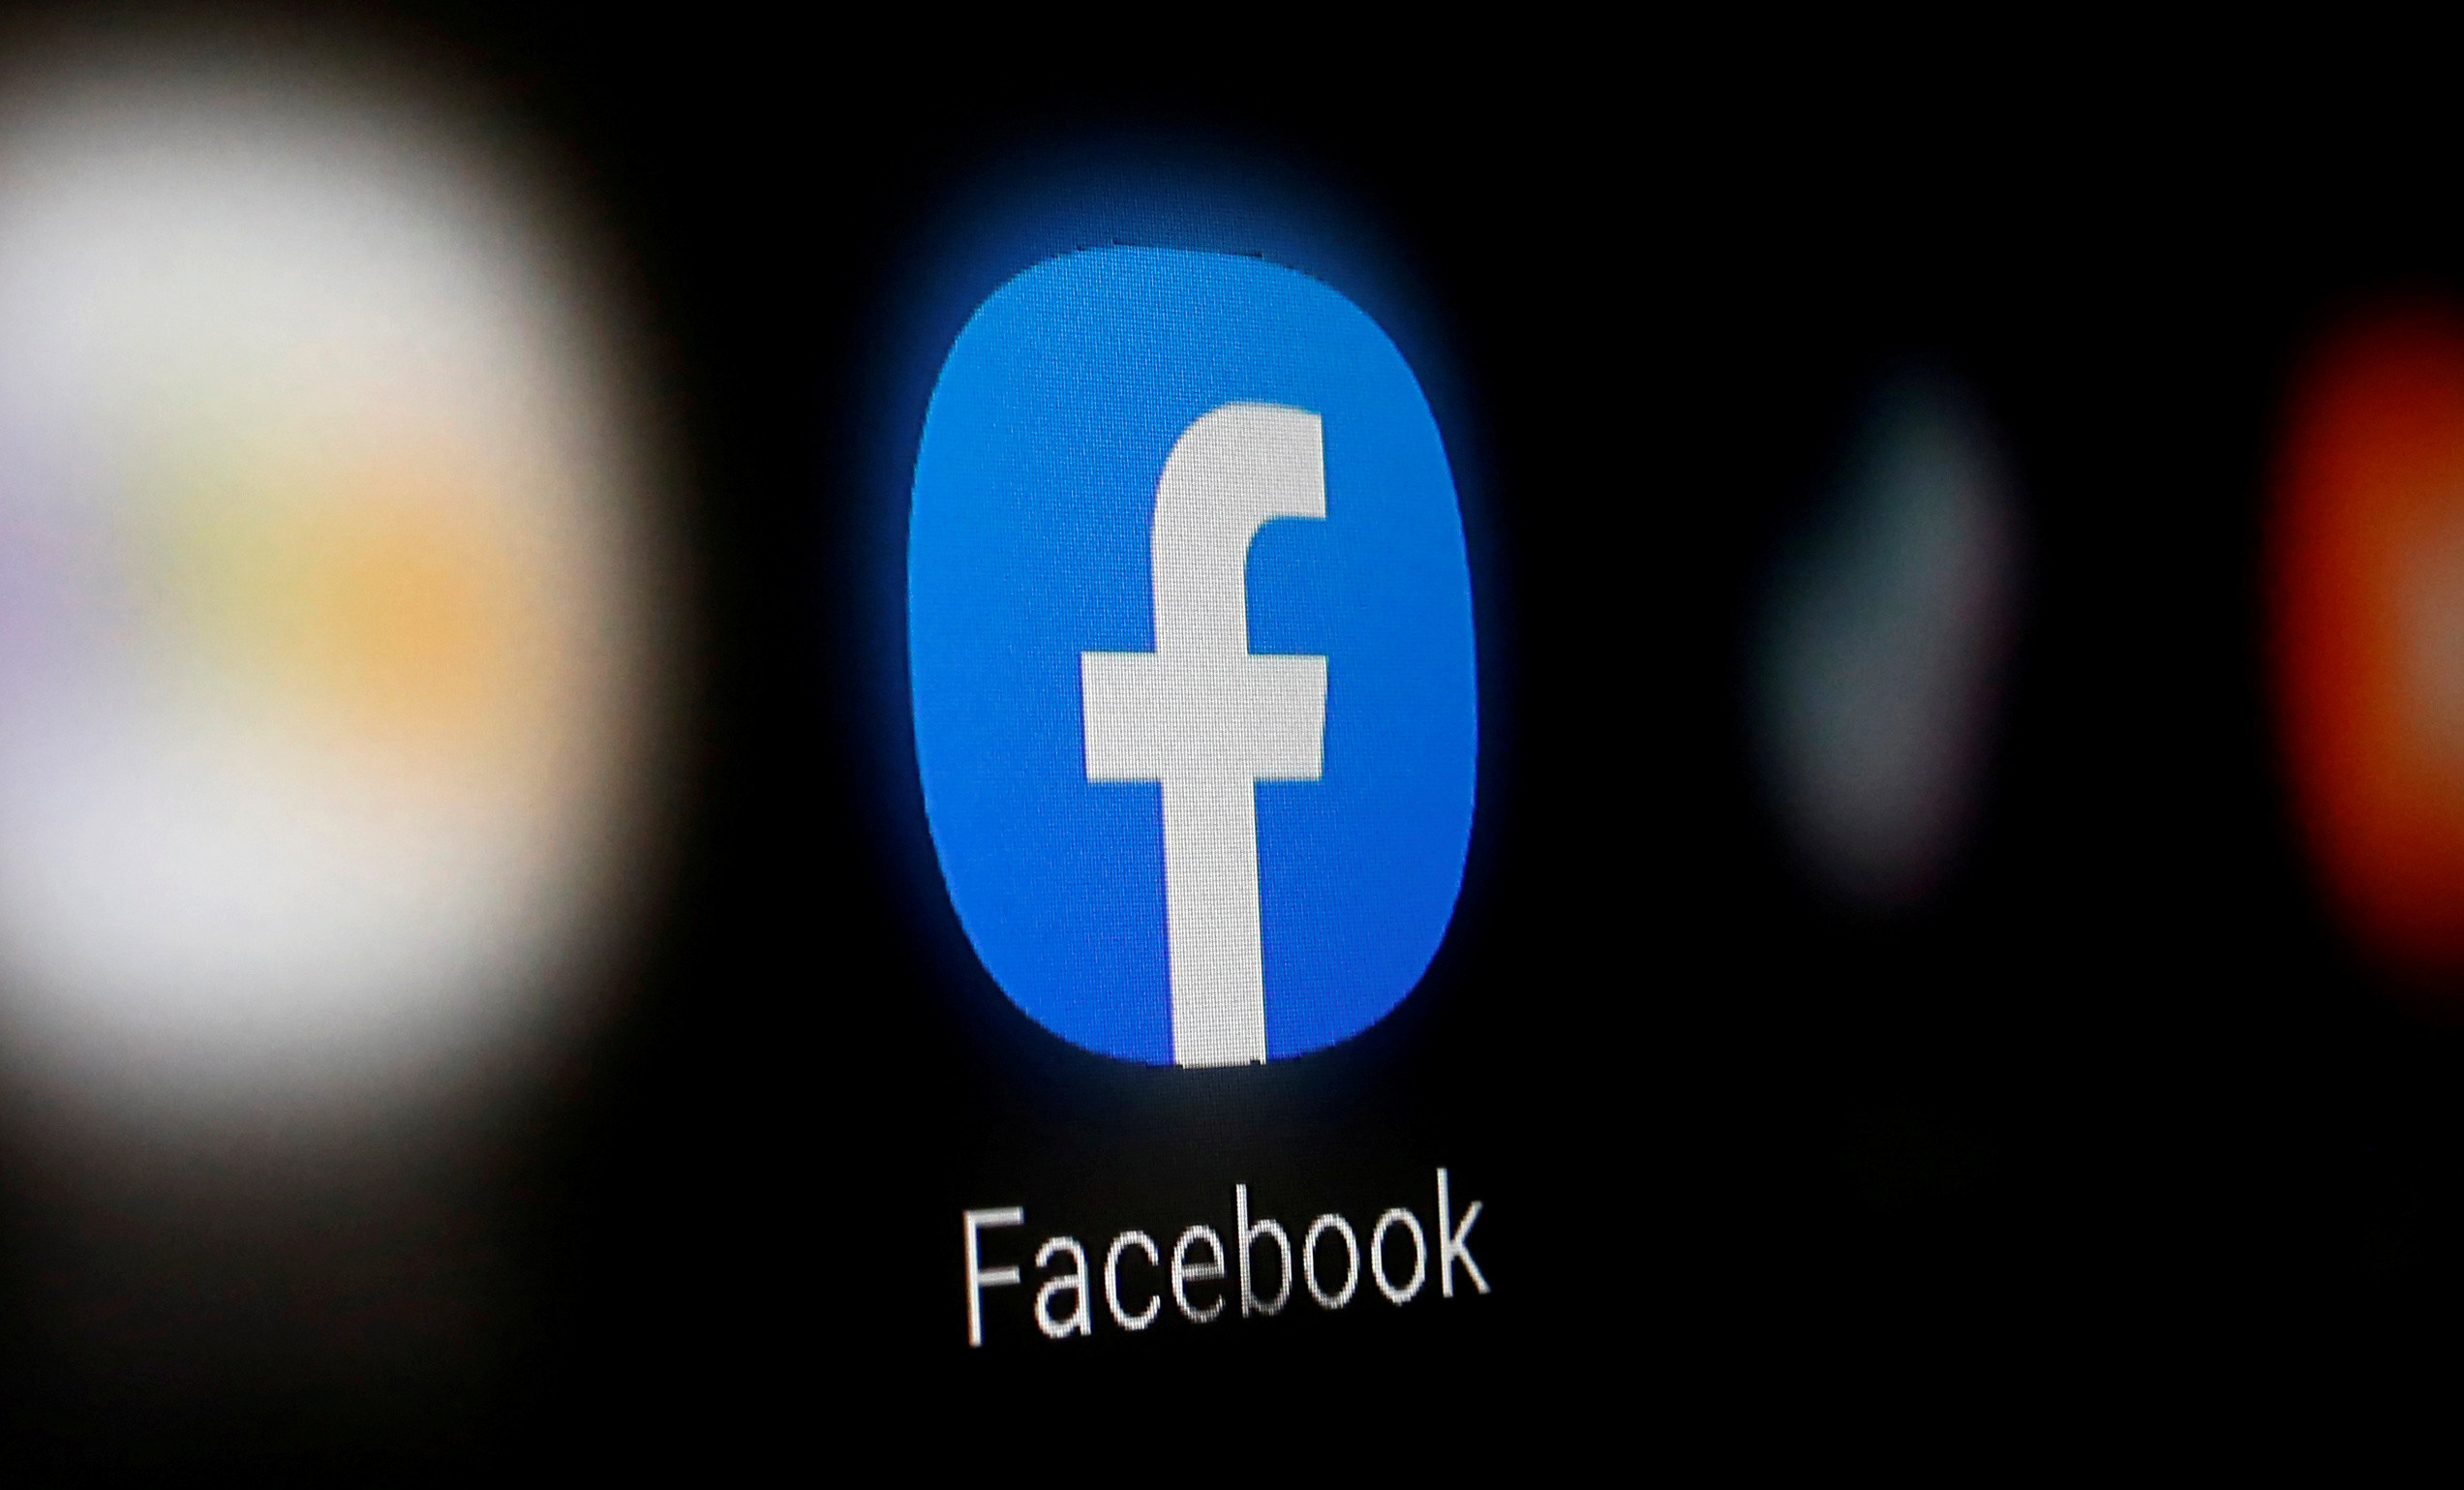 社會孤立,臉書,IG,社會安全網,朋友,社群媒體,孤單,波士頓